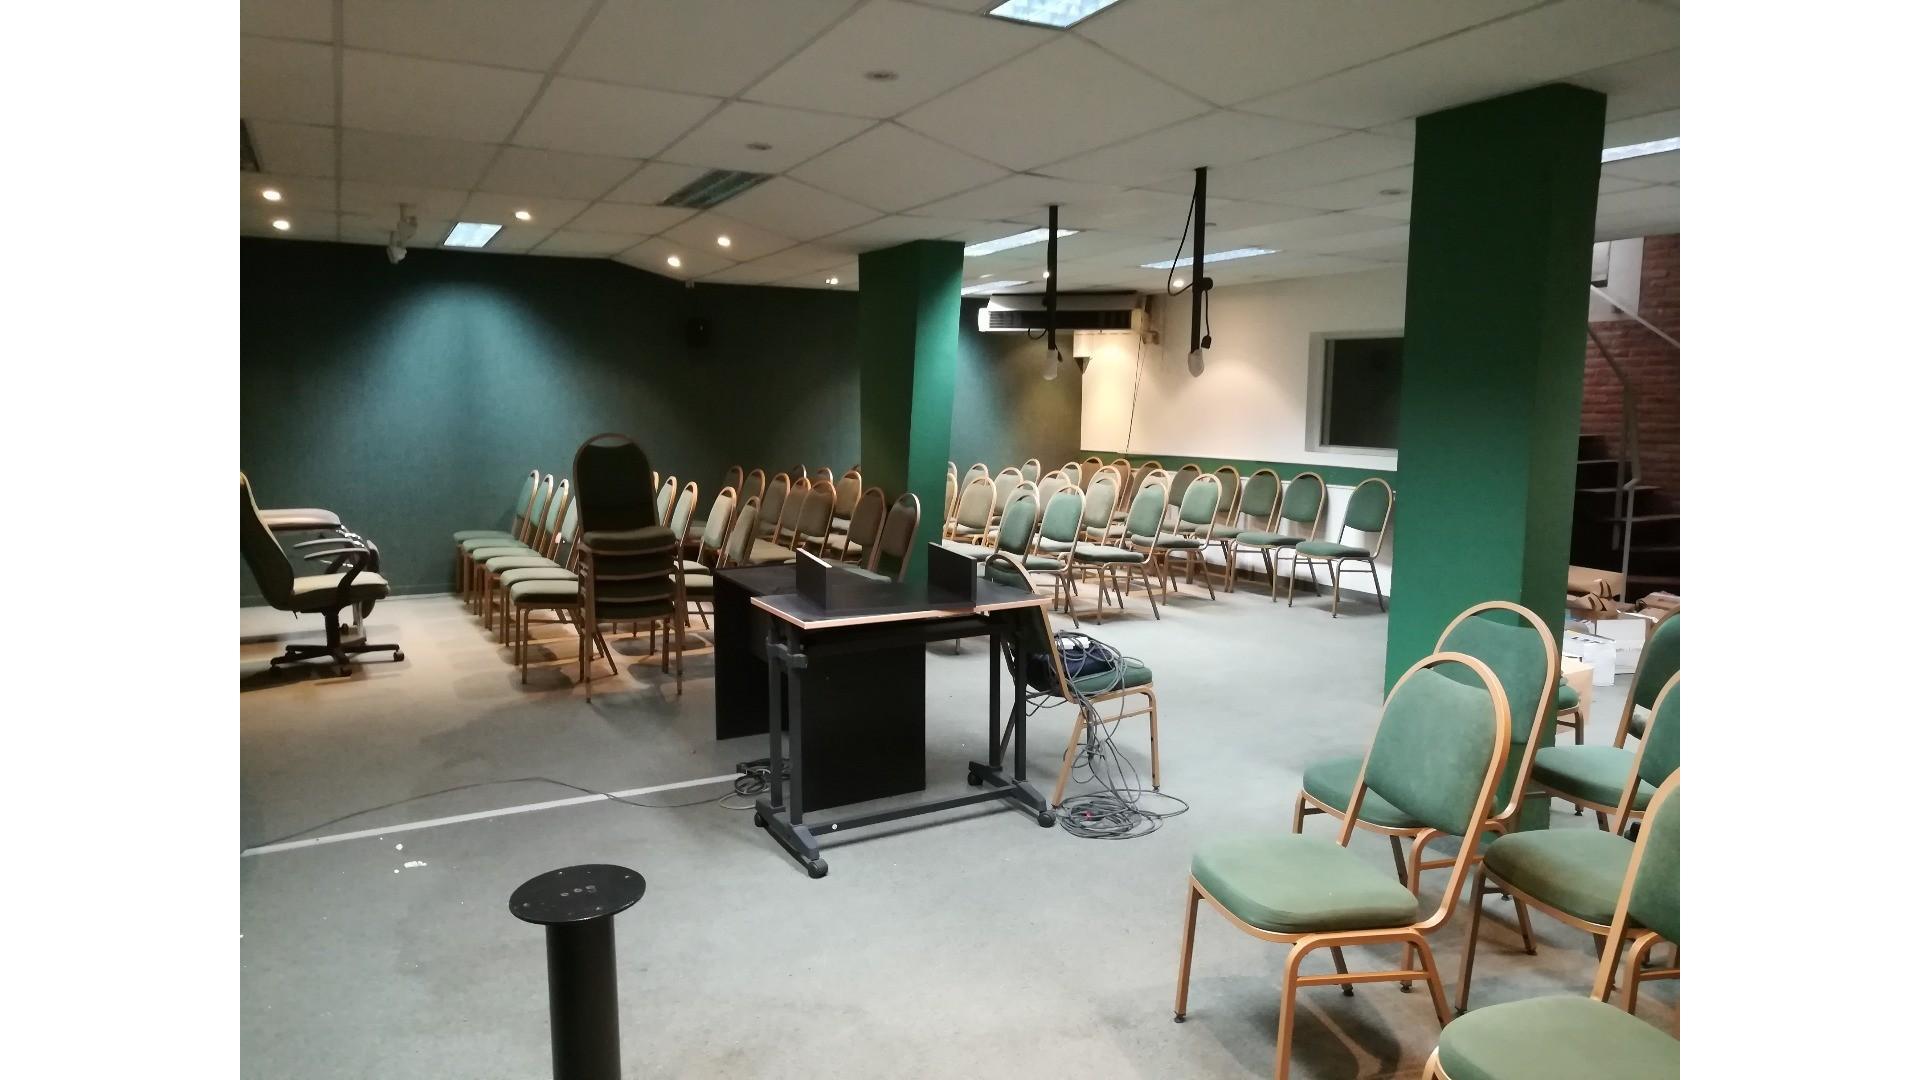 Oficina con depósito en inmejorable ubicación, dueño directo sin comisión